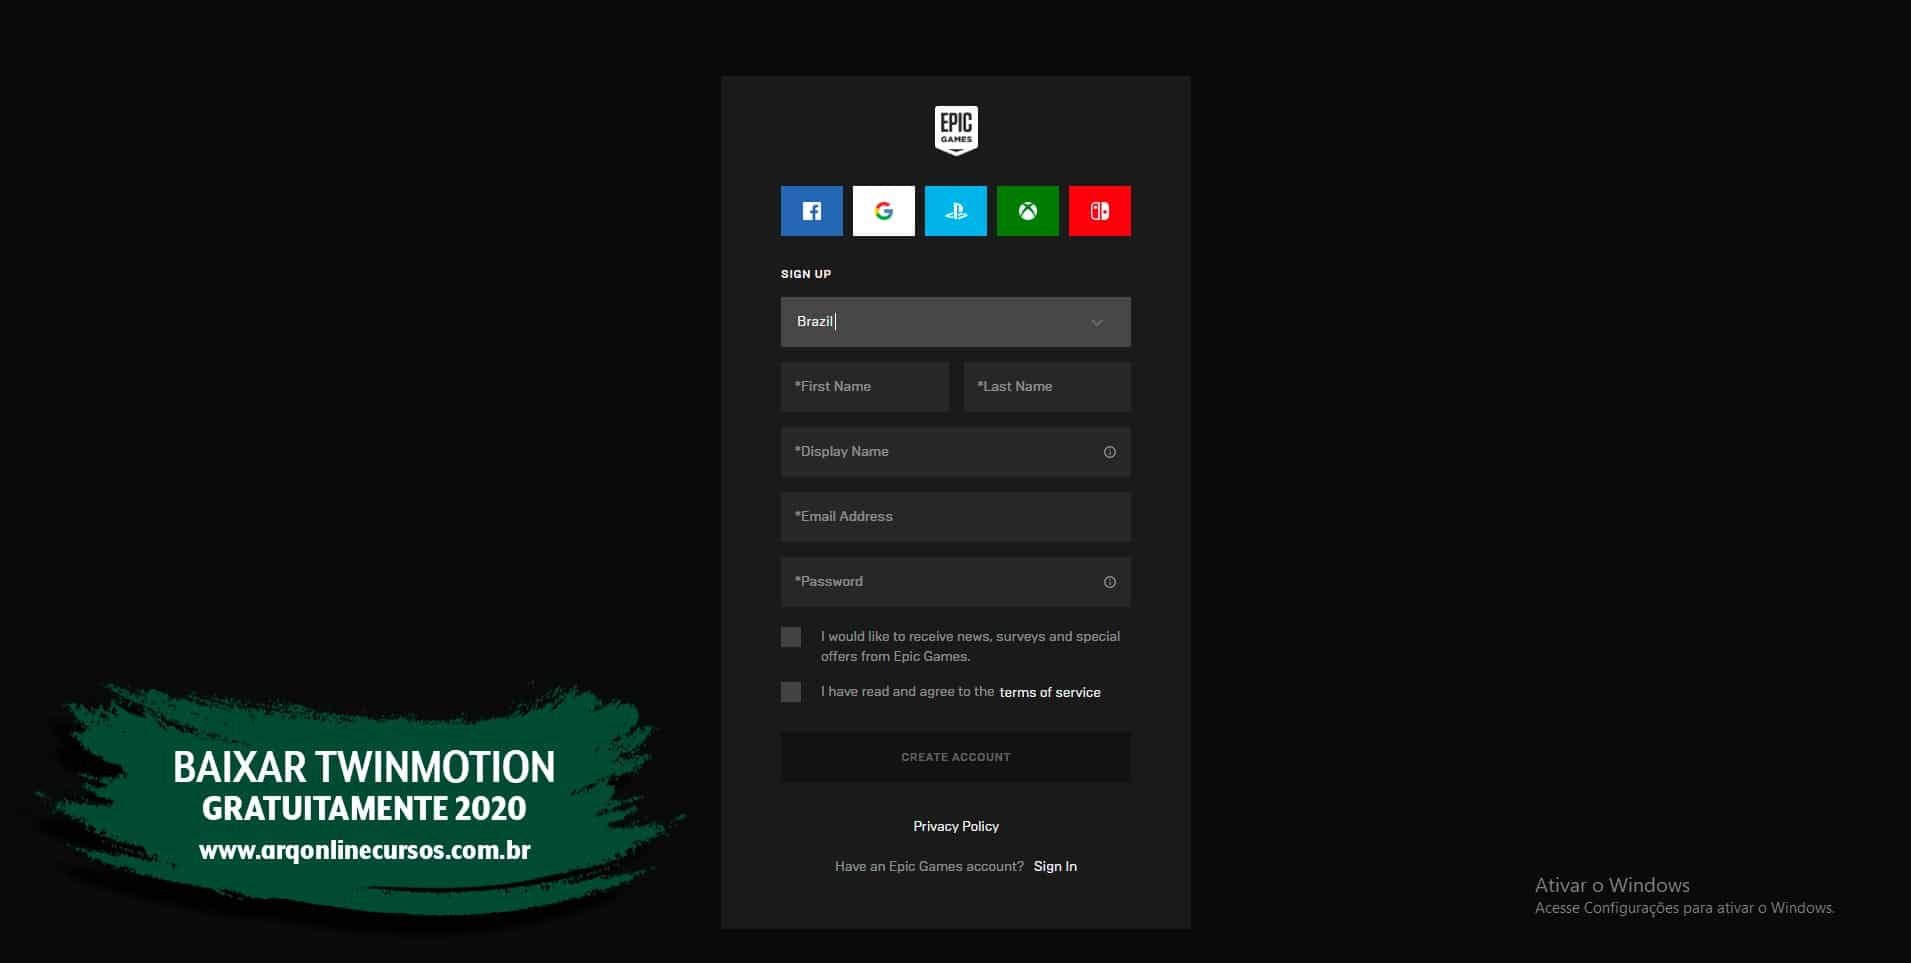 twinmotion 2020 criação conta